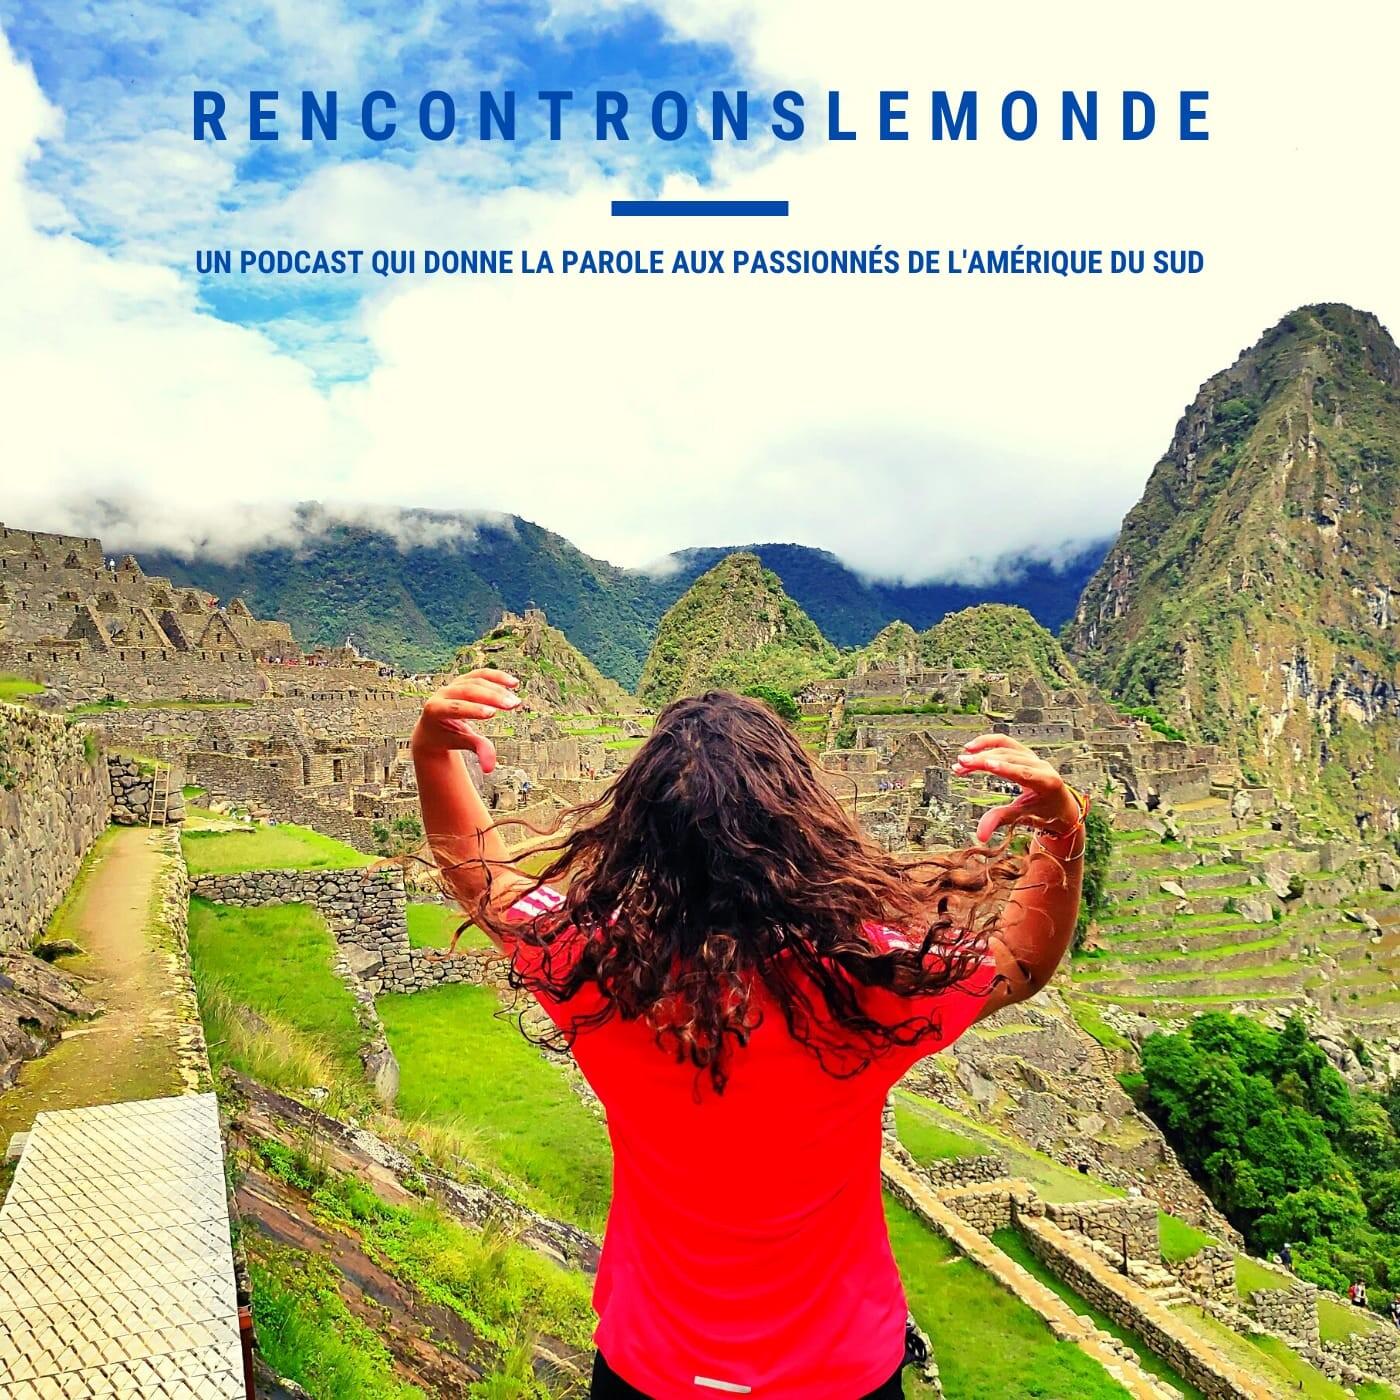 """Aurélie parle de """"Rencontrons le monde"""", son blog sur l'Amérique du sud - 18 10 2021 - StereoChic Radio"""